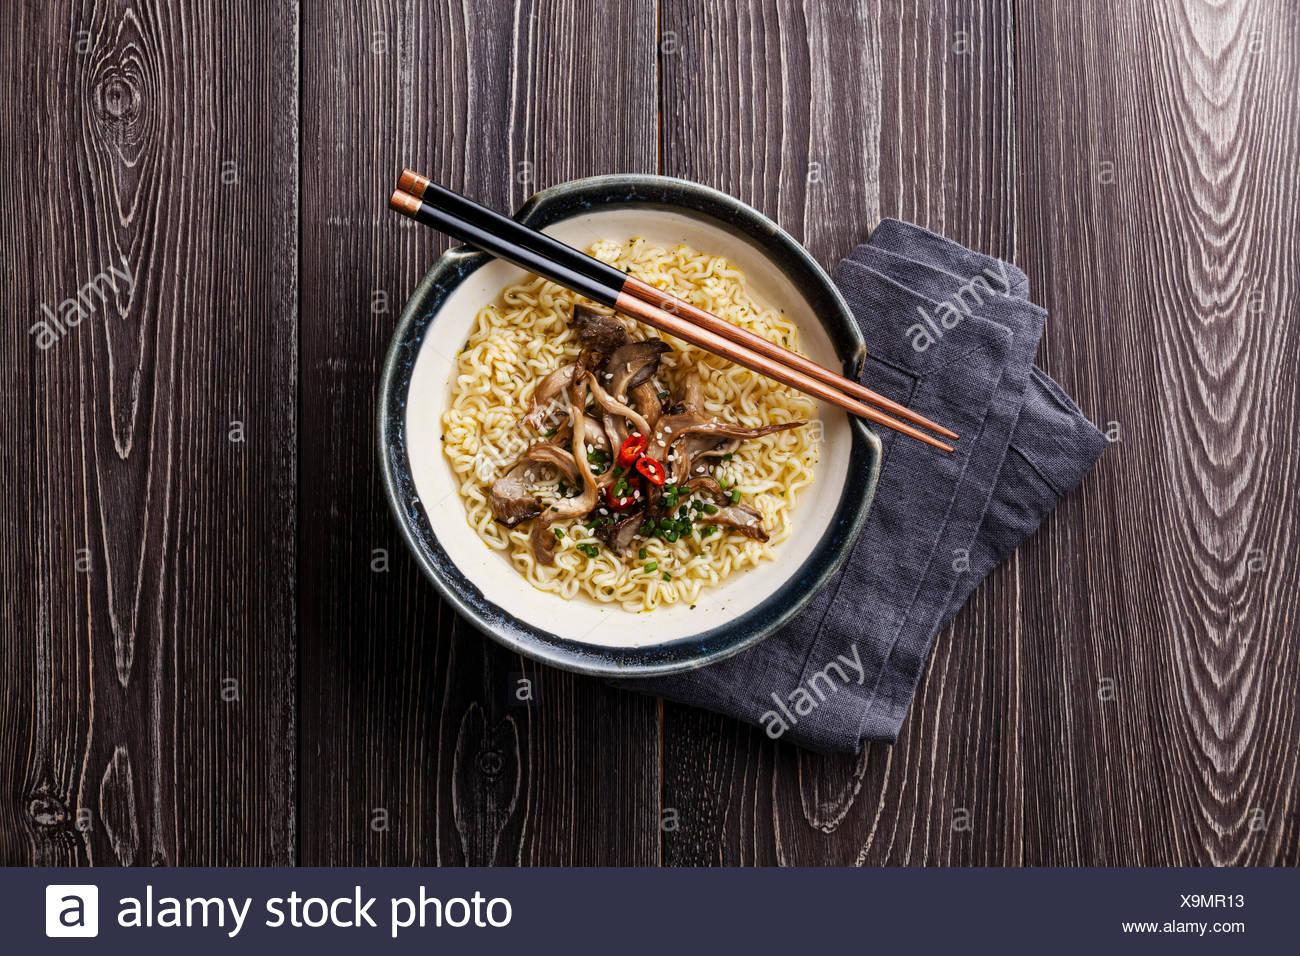 Asiatische Nudeln mit Austernpilzen in Schüssel auf grauem Hintergrund aus Holz Stockbild